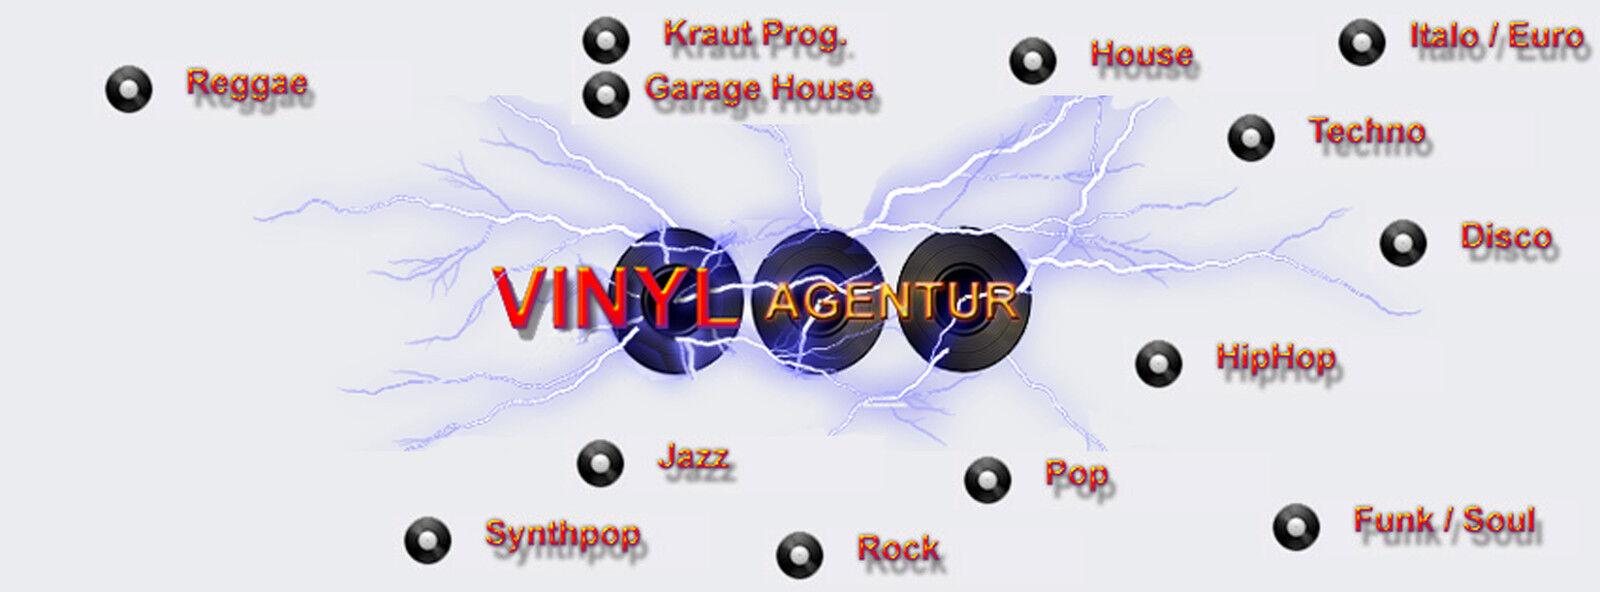 Vinyl Agentur